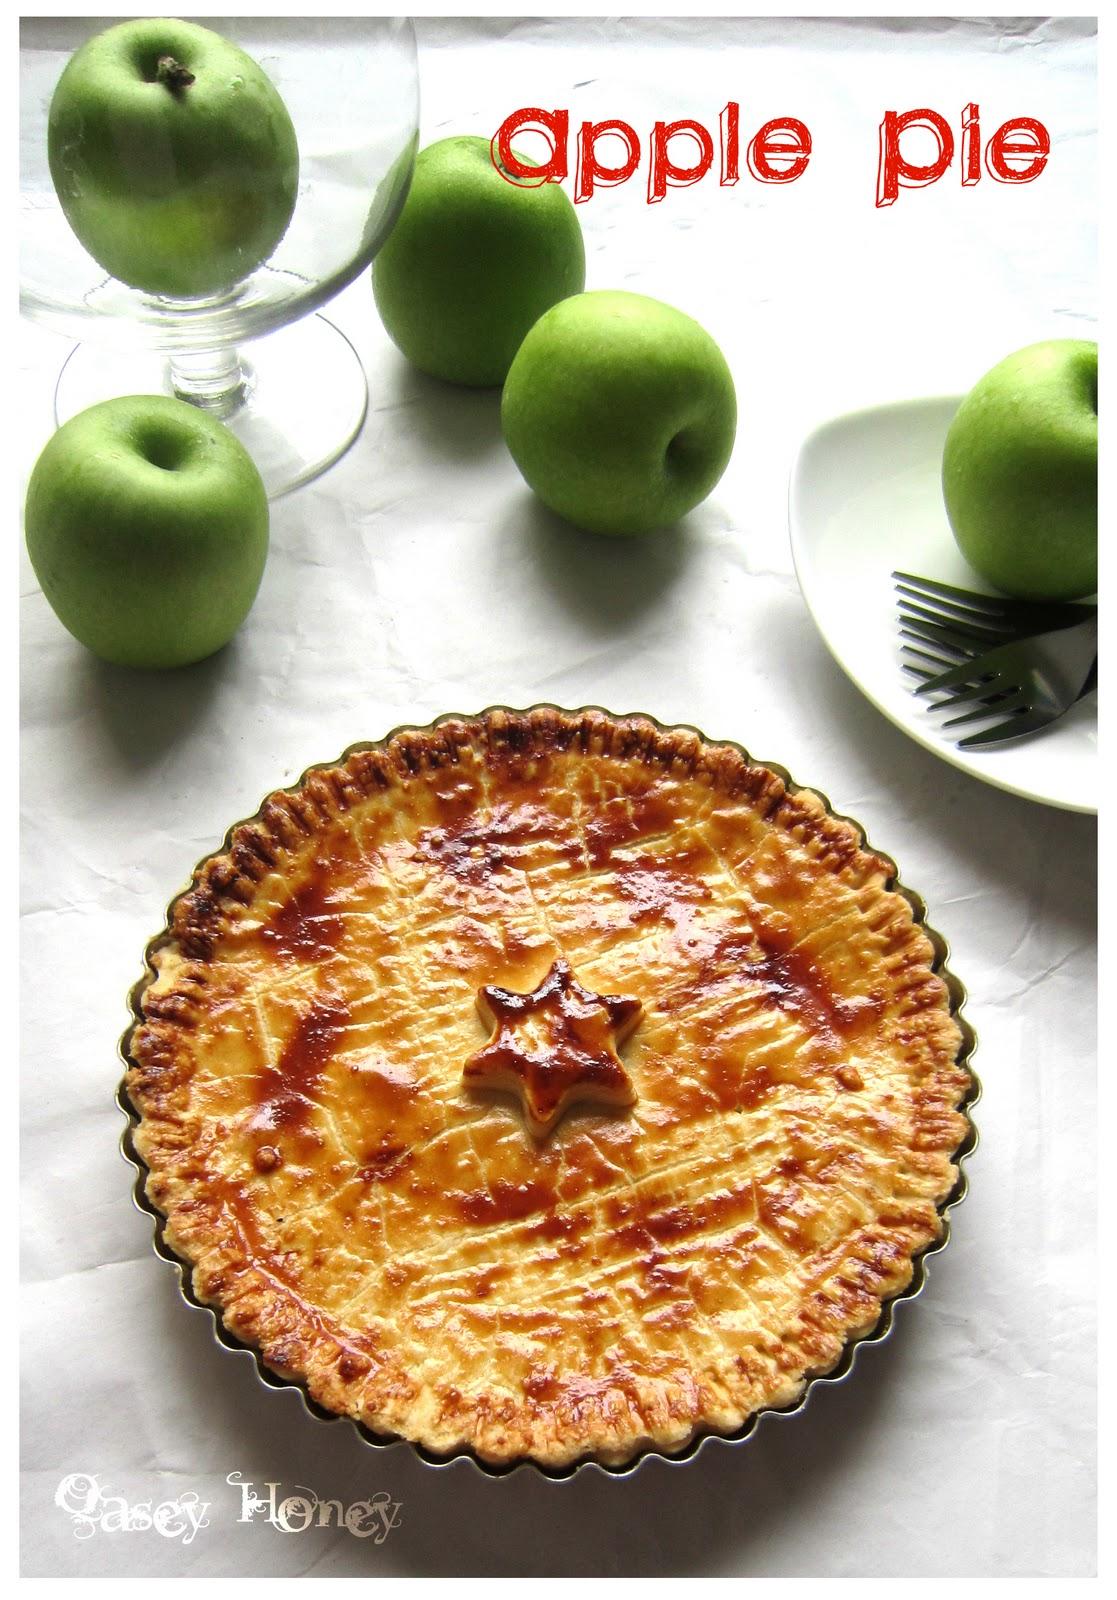 Apple Pie Qasey Honey